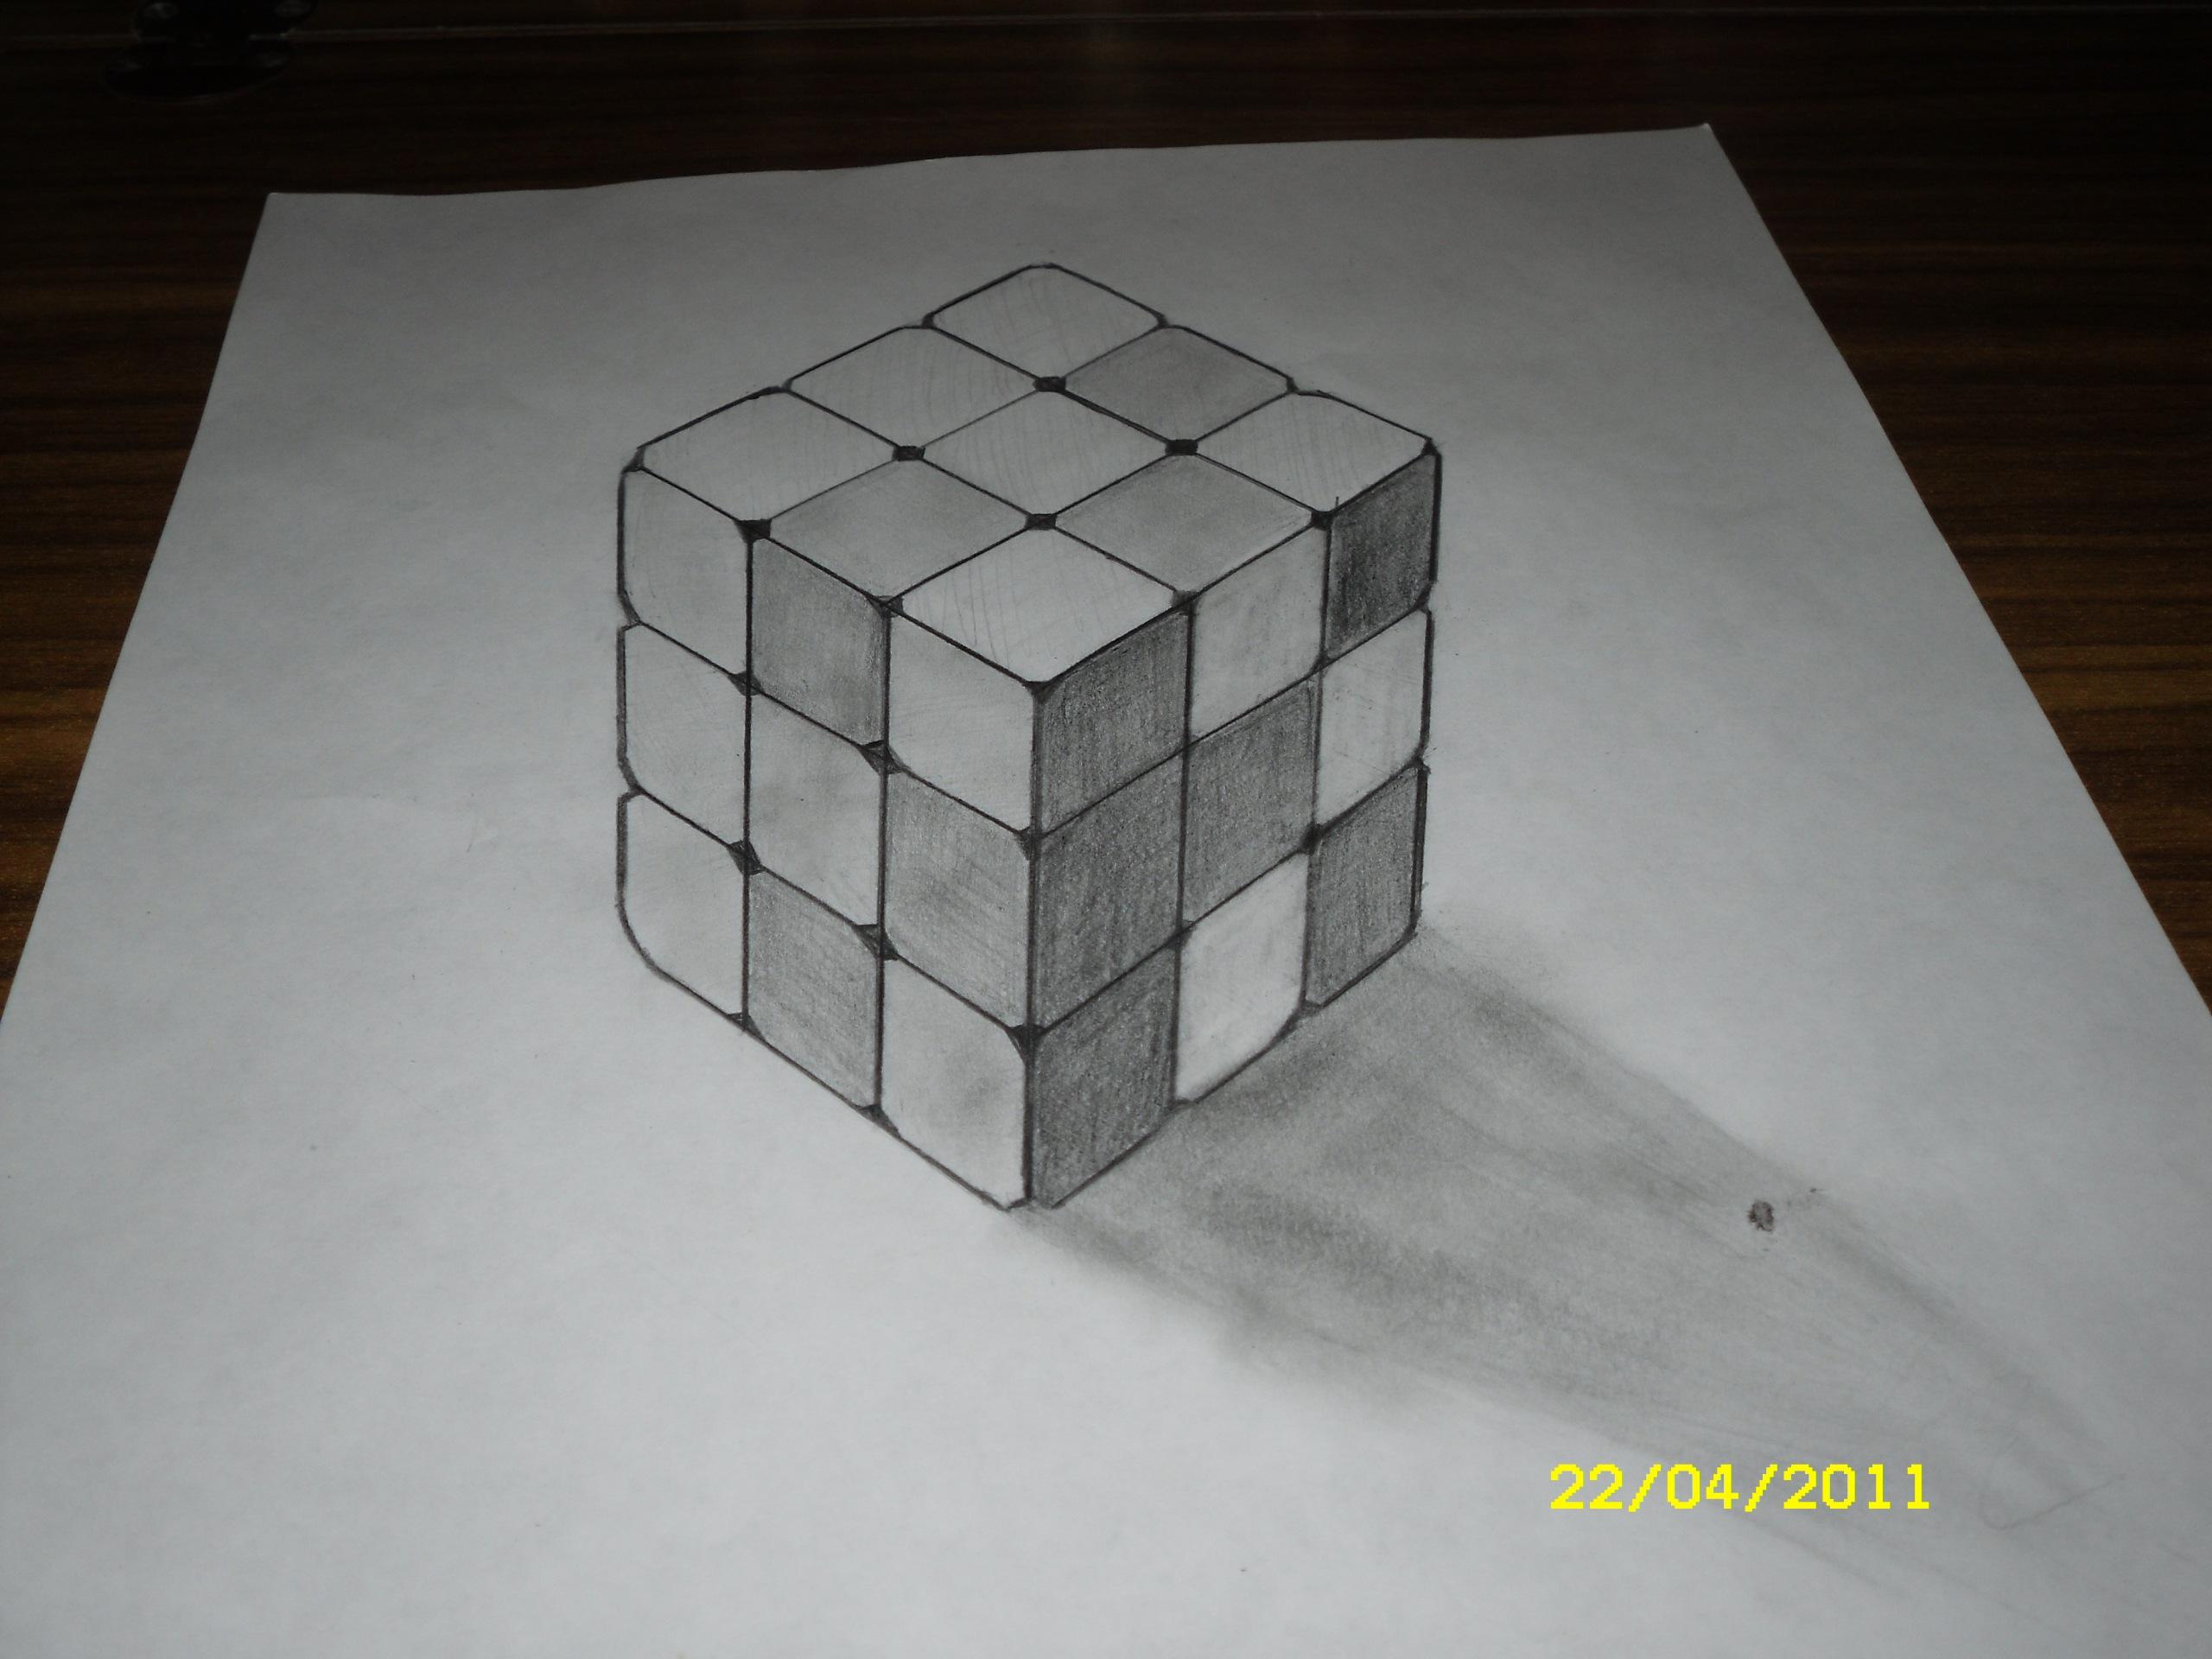 попытался нарисовать в 3D.